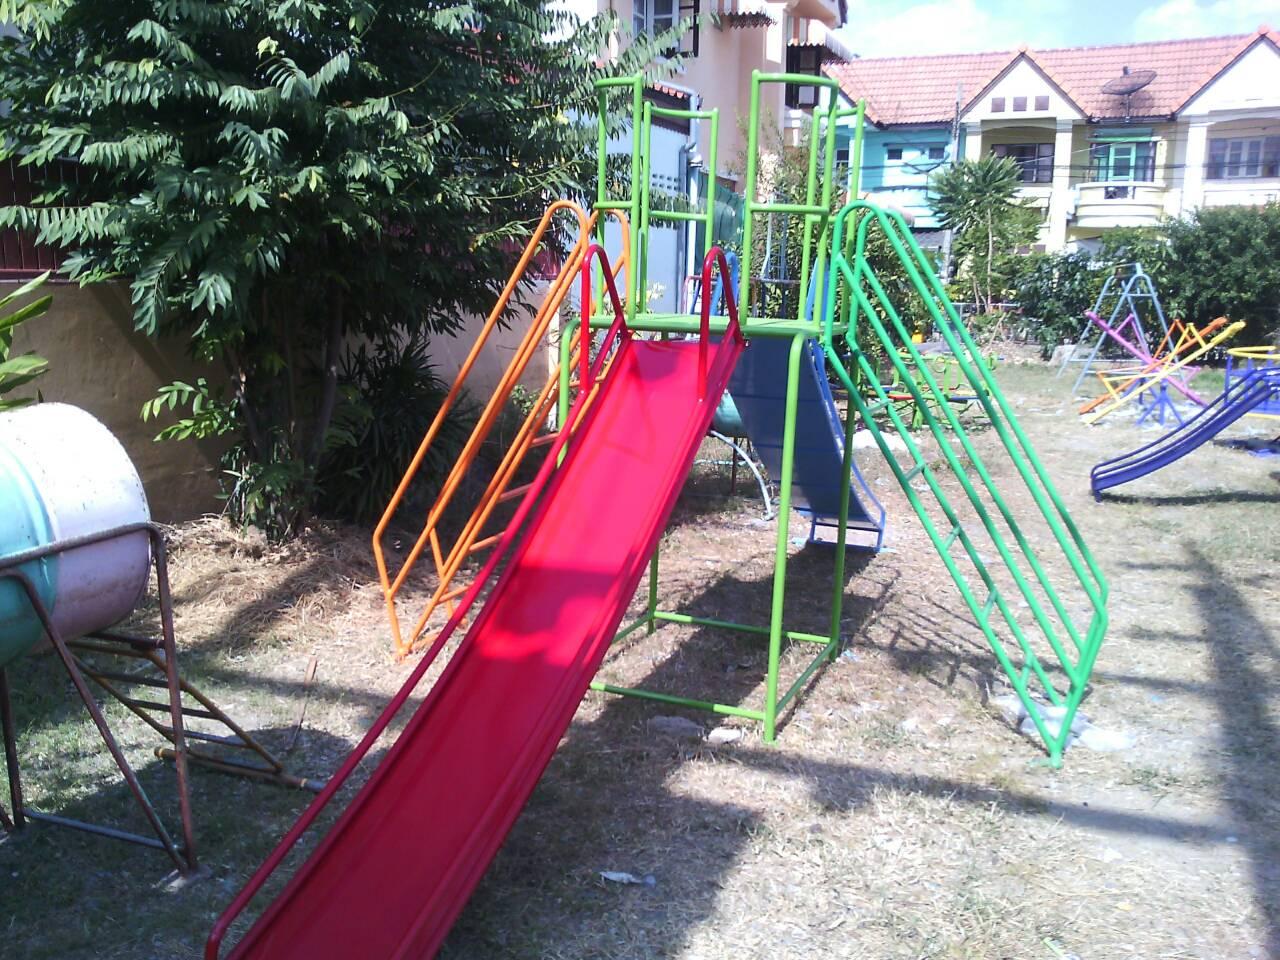 รหัส PG ผลงานติดตั้ง (หมู่บ้านลภาวัล8 จ.นนทบุรี) เครื่องเล่นสนามกลางแจ้งสำหรับเด็ก